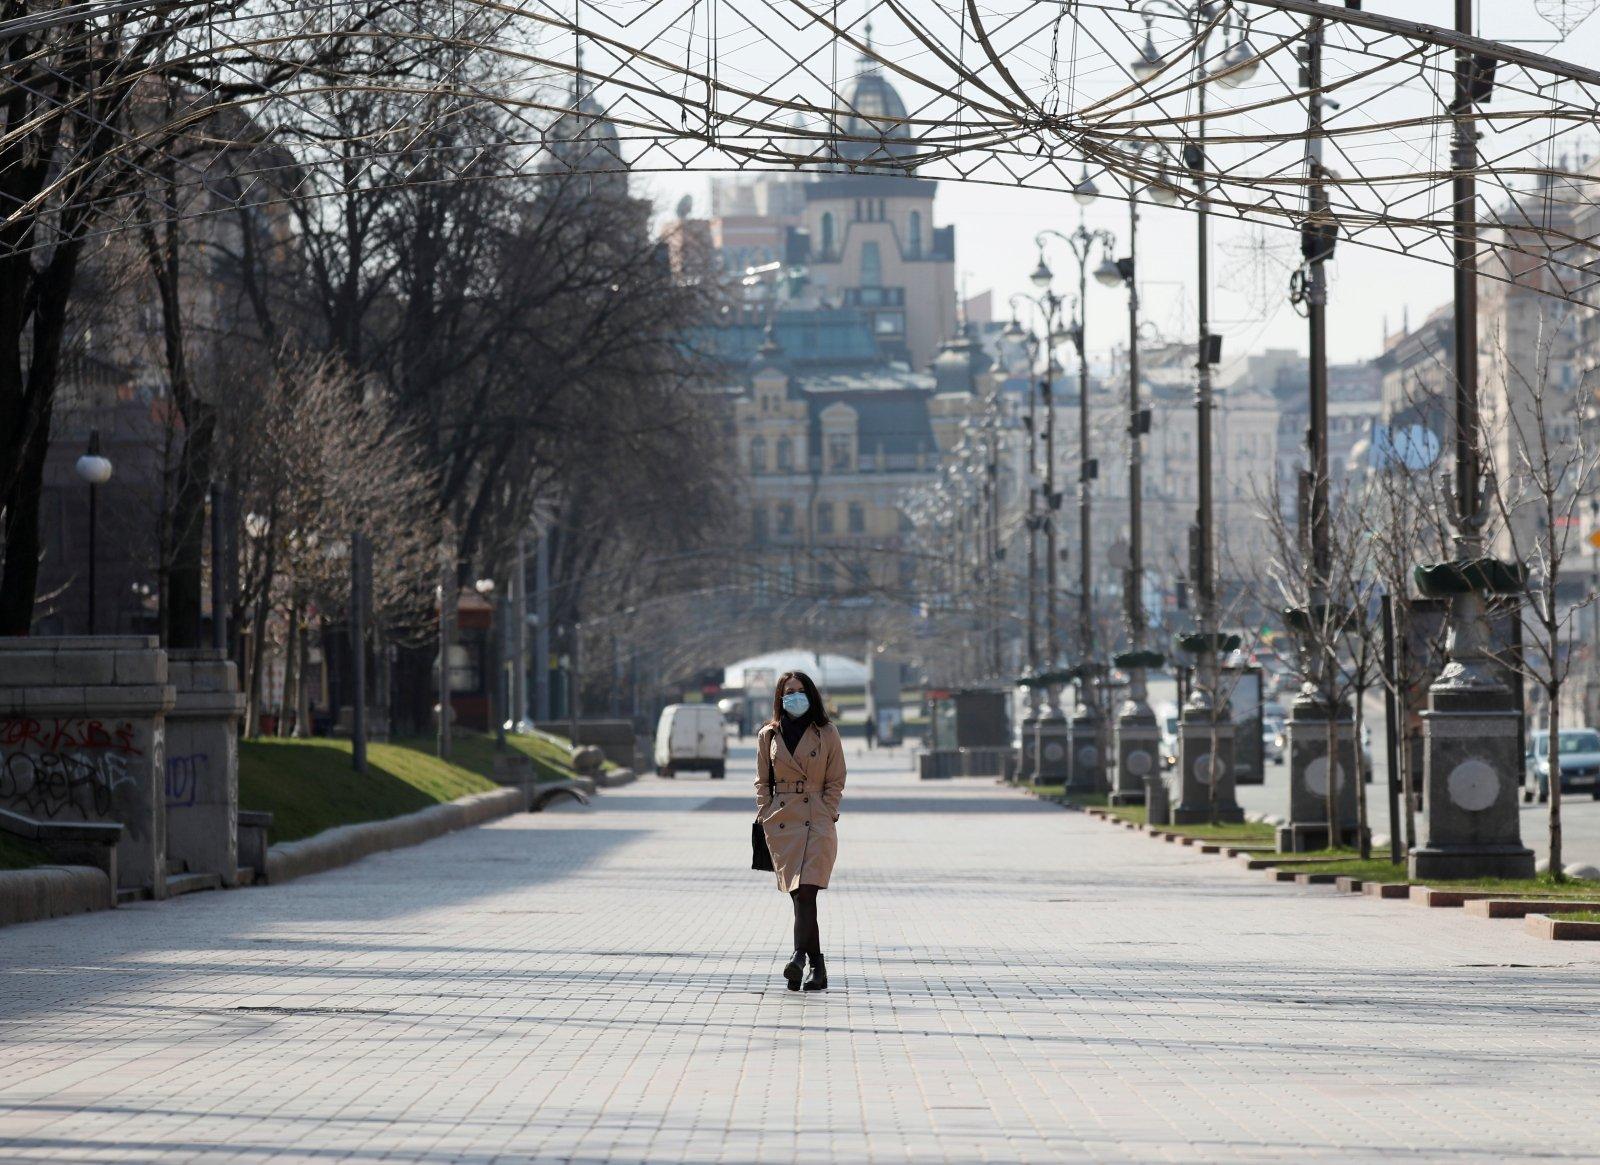 sistemos prekybos ukrainoje